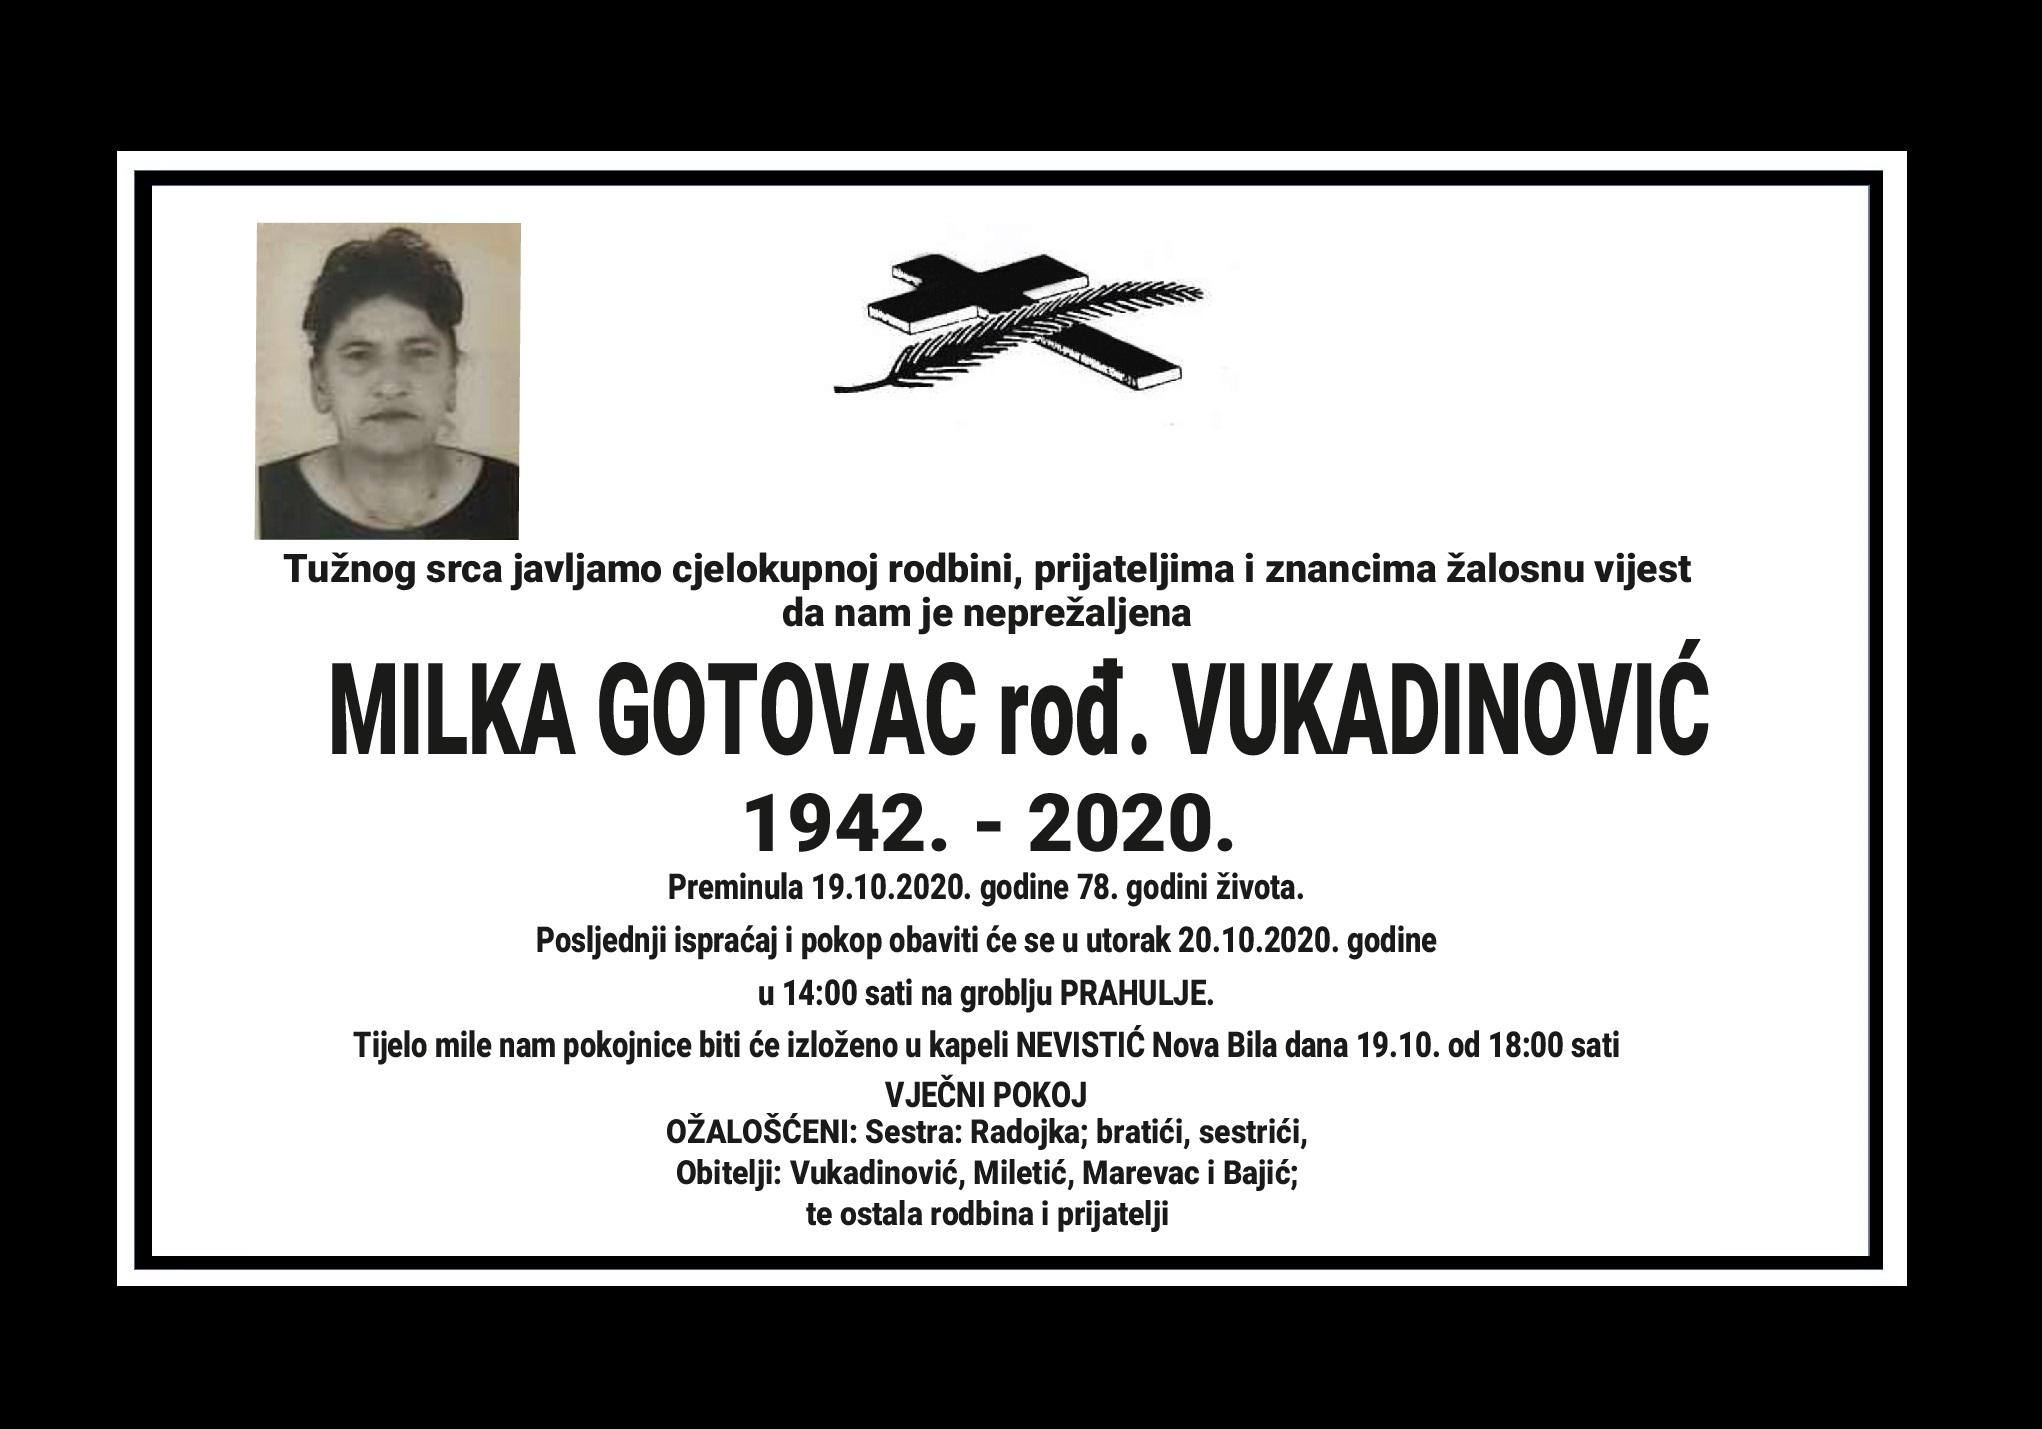 Milka Gotovac rođ. Vukadinović